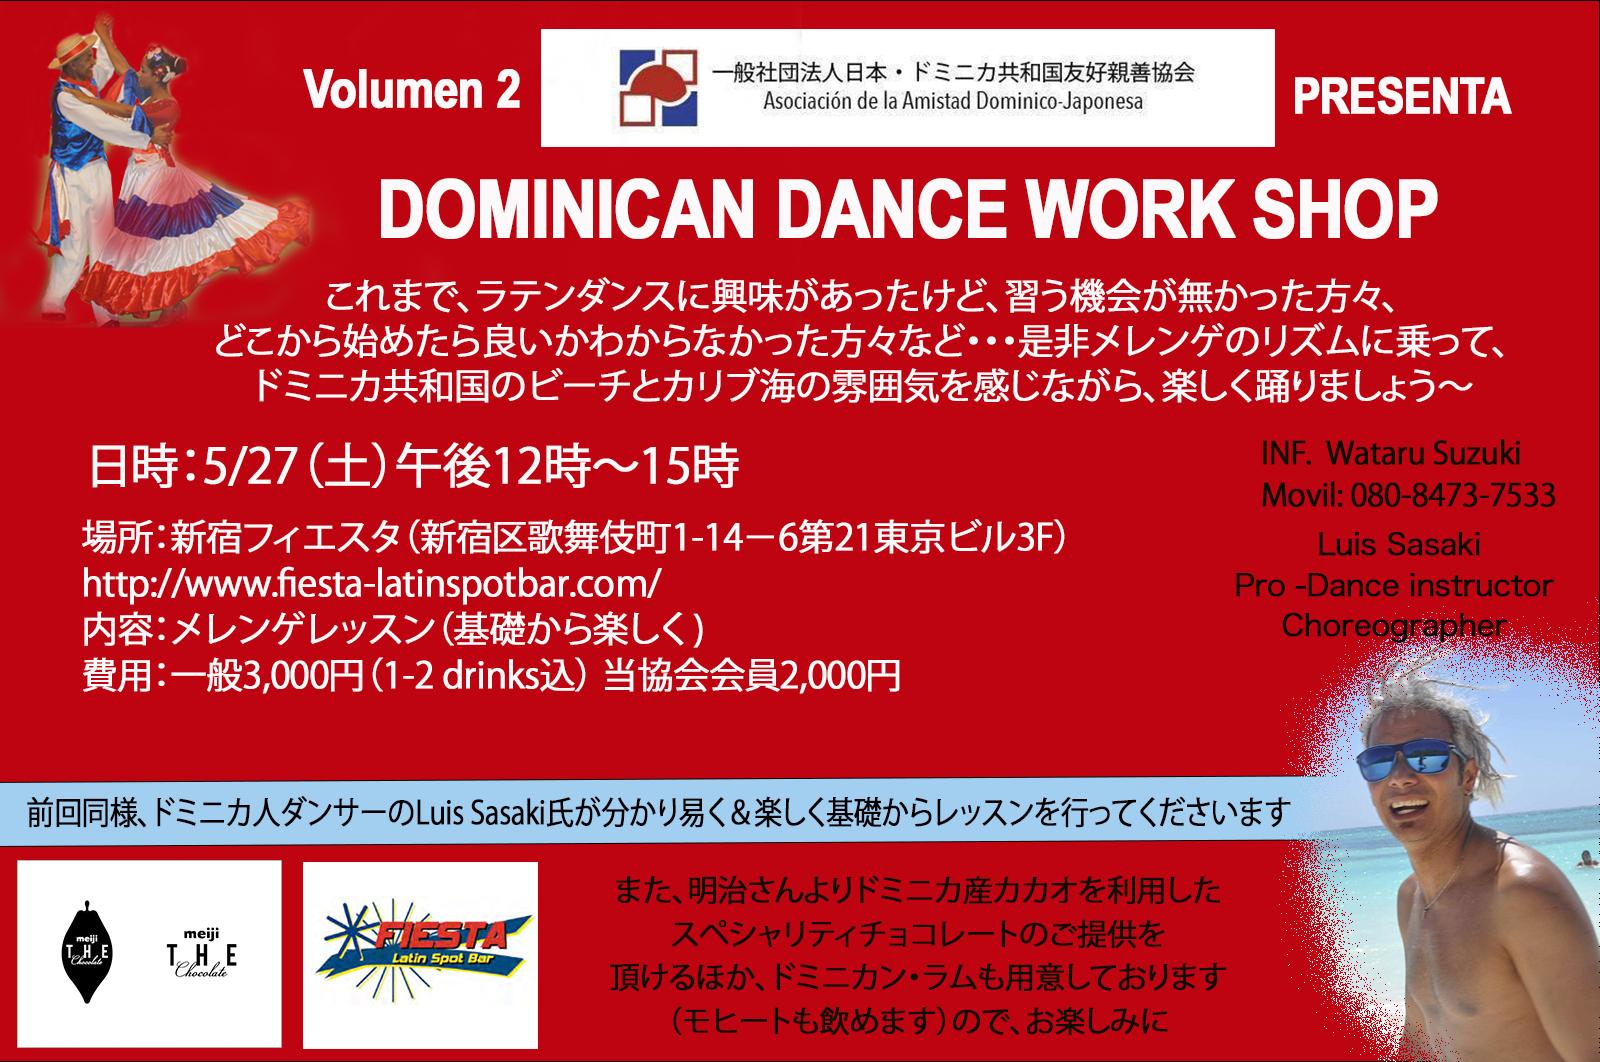 第二回ドミニカンダンス・ワークショップの開催(2do Taller de Baile Dominicano)